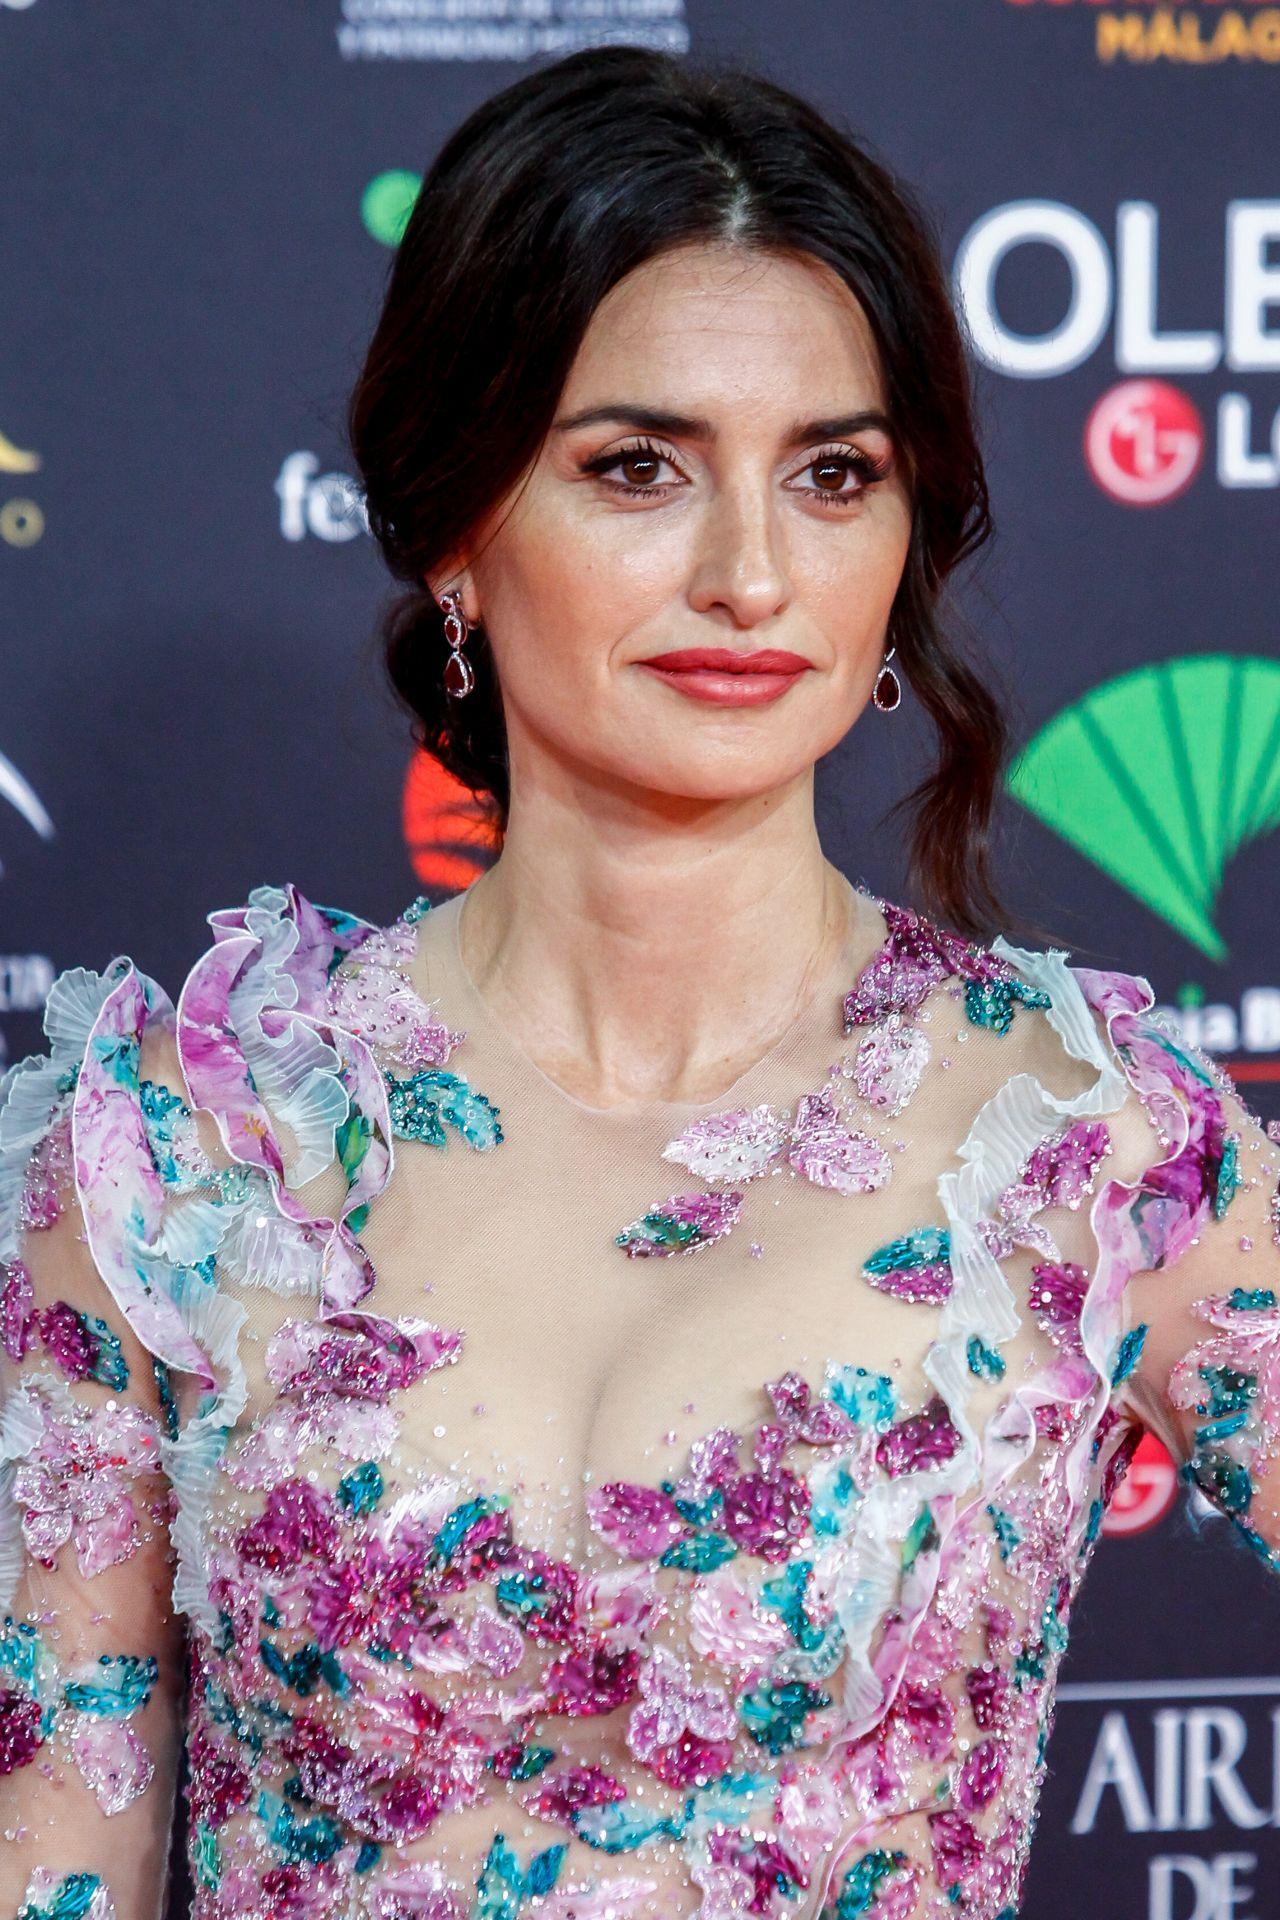 penelope-cruz-goya-cinema-awards-2020-red-carpet-in-madrid-01-25-2020-13.jpg